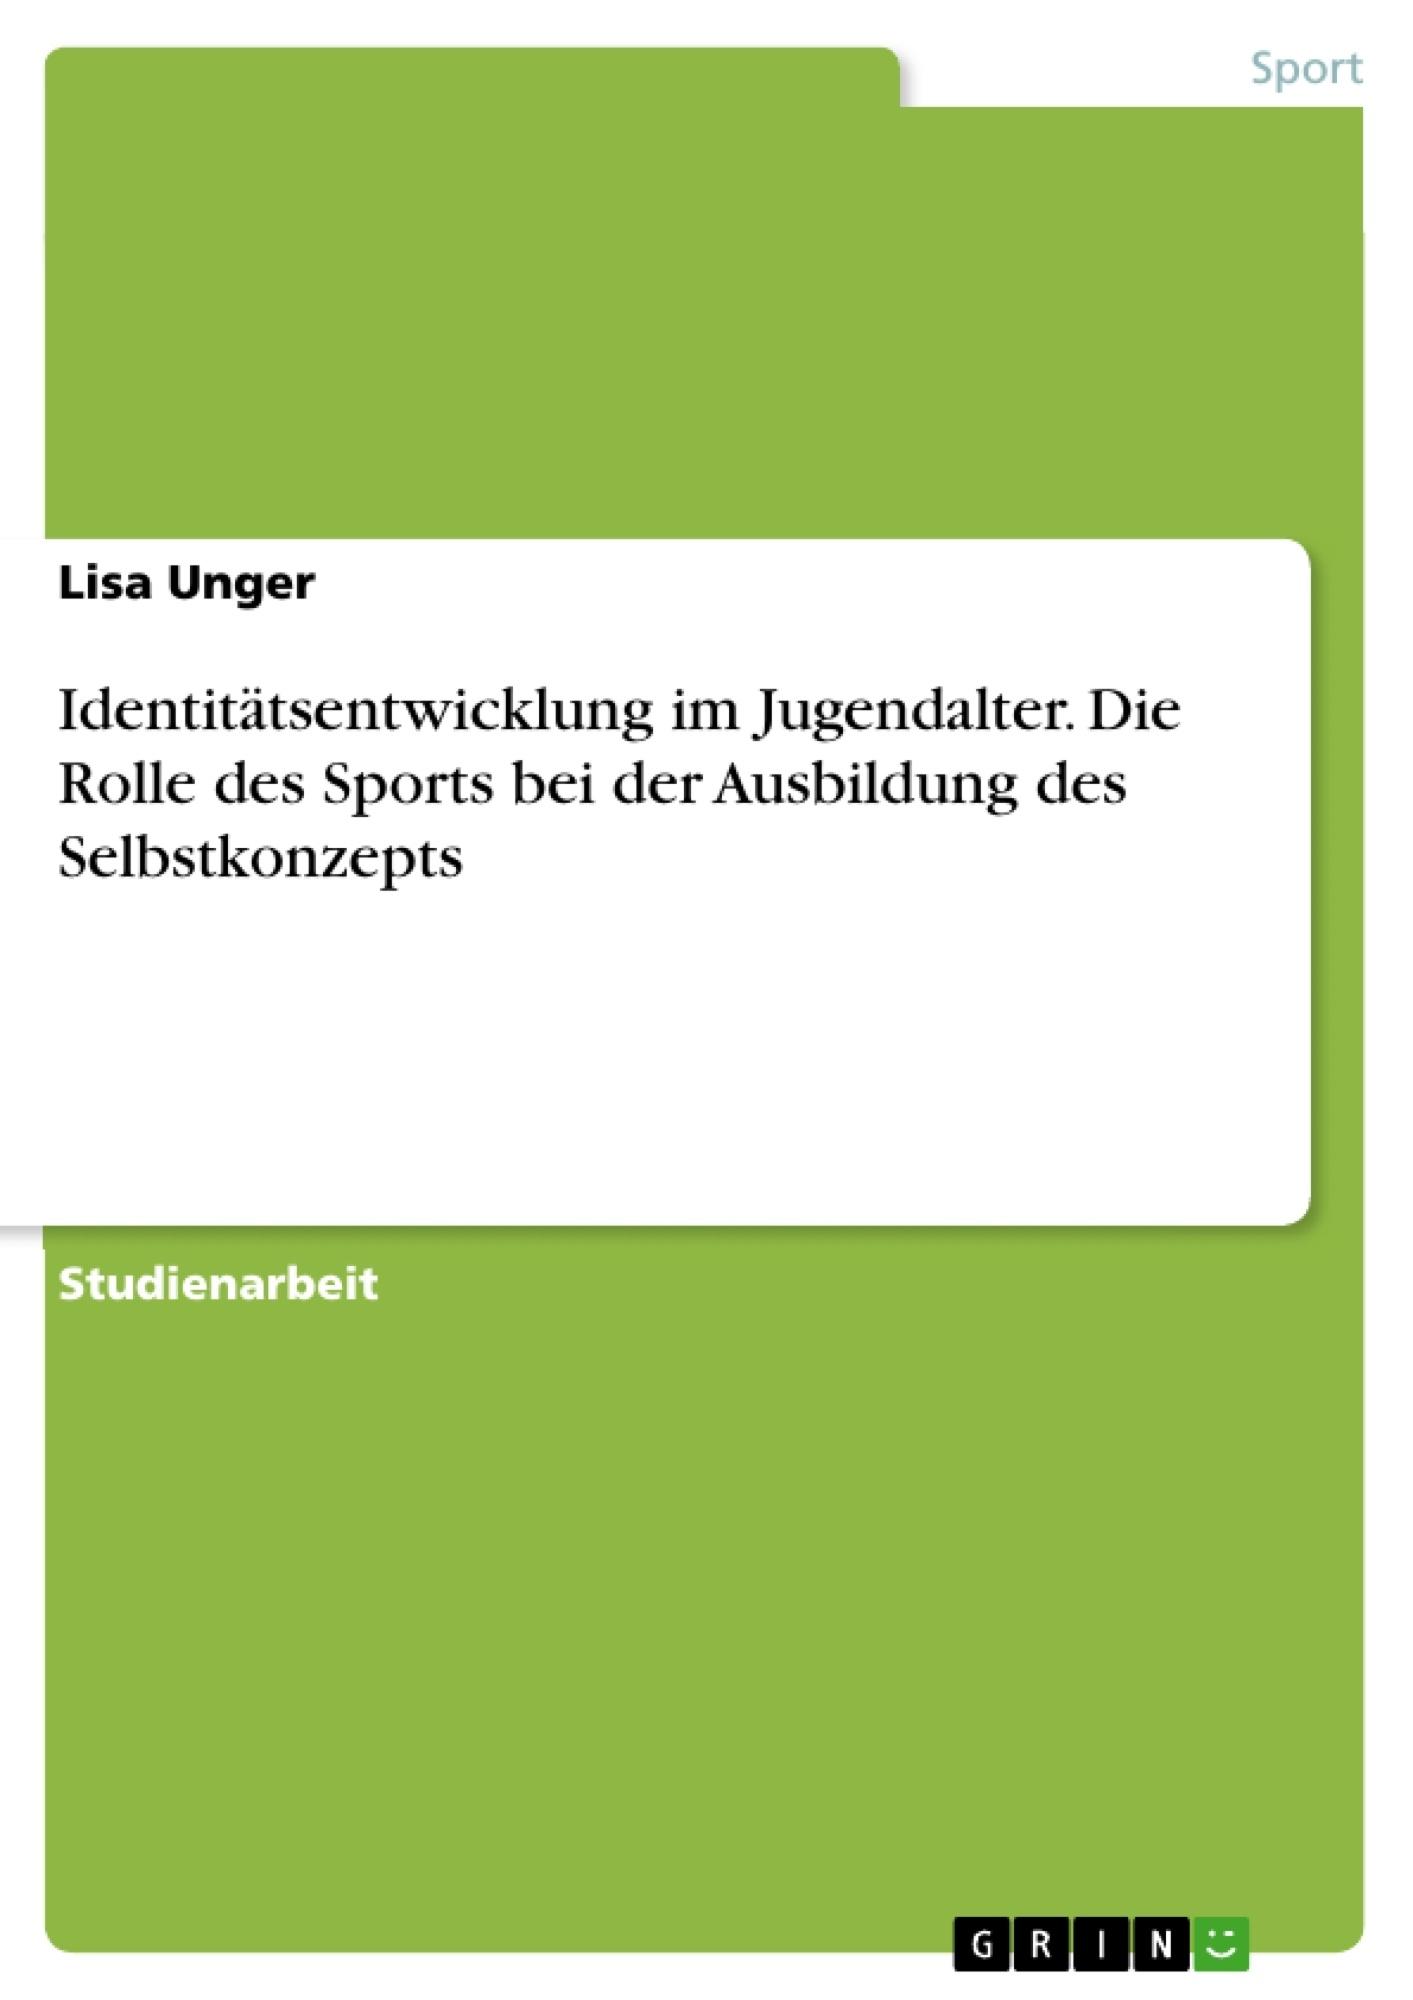 Titel: Identitätsentwicklung im Jugendalter. Die Rolle des Sports bei der Ausbildung des Selbstkonzepts